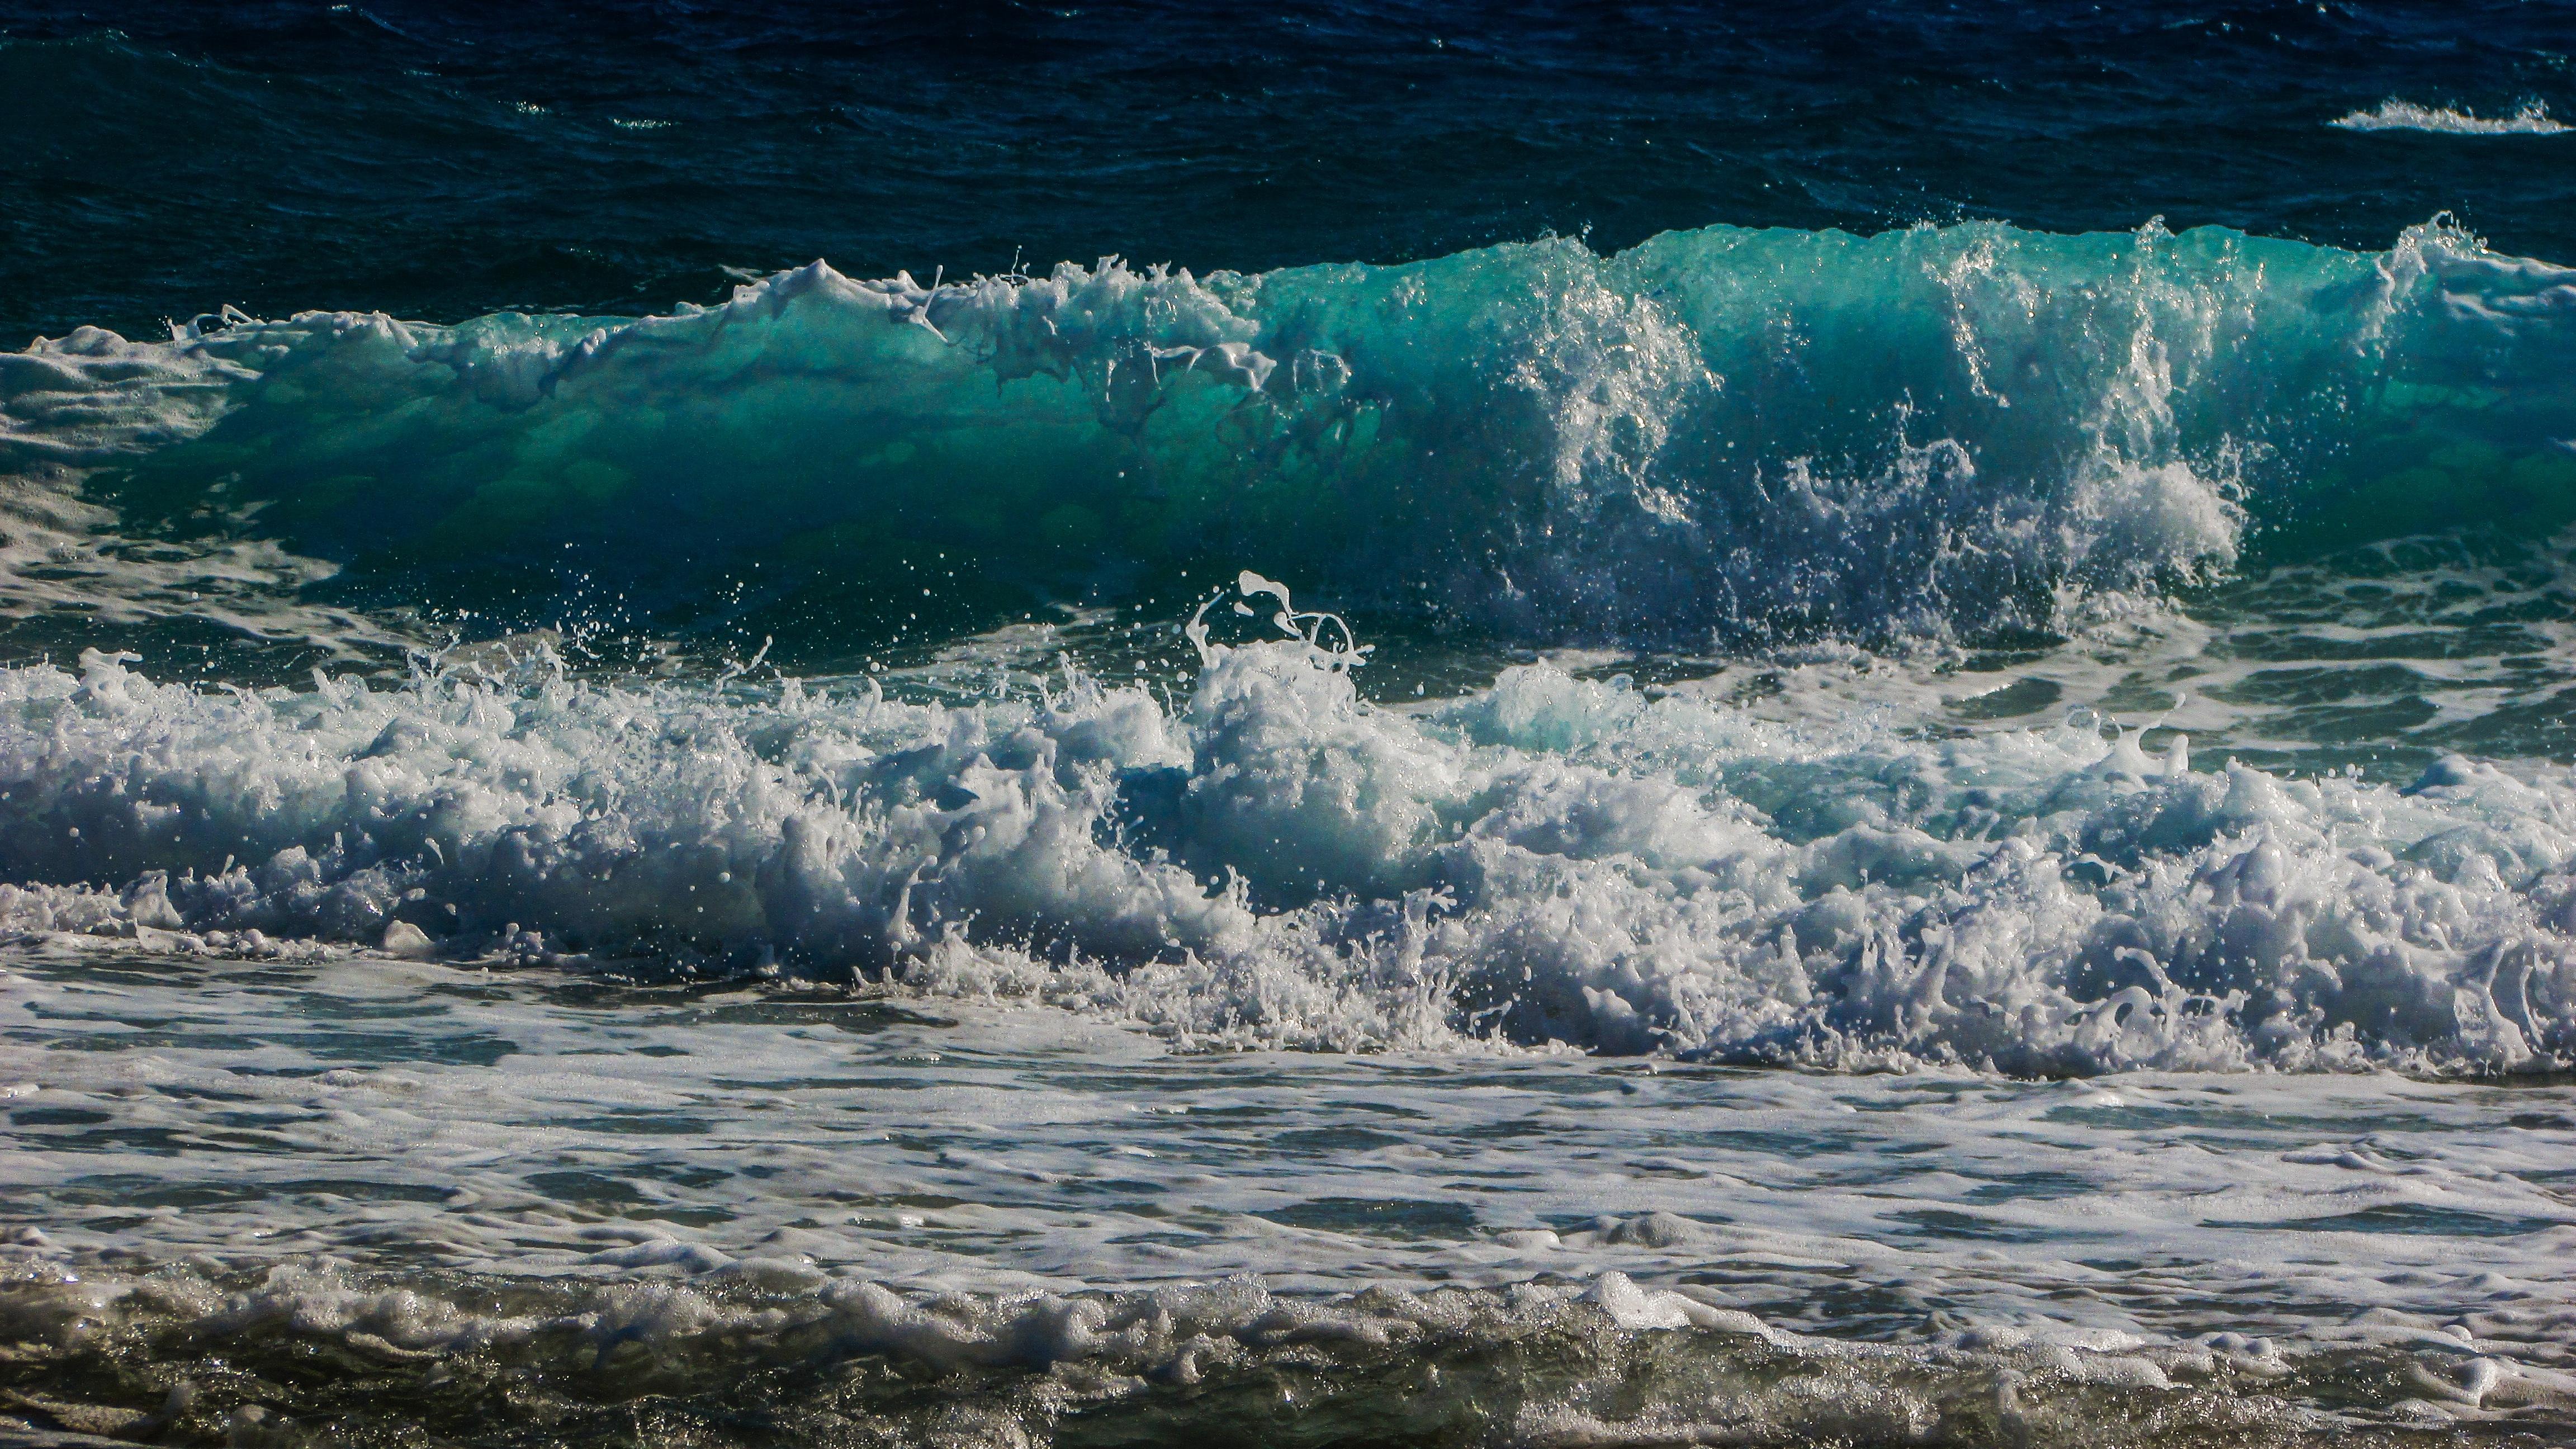 Картинки живые море, выздоравливай